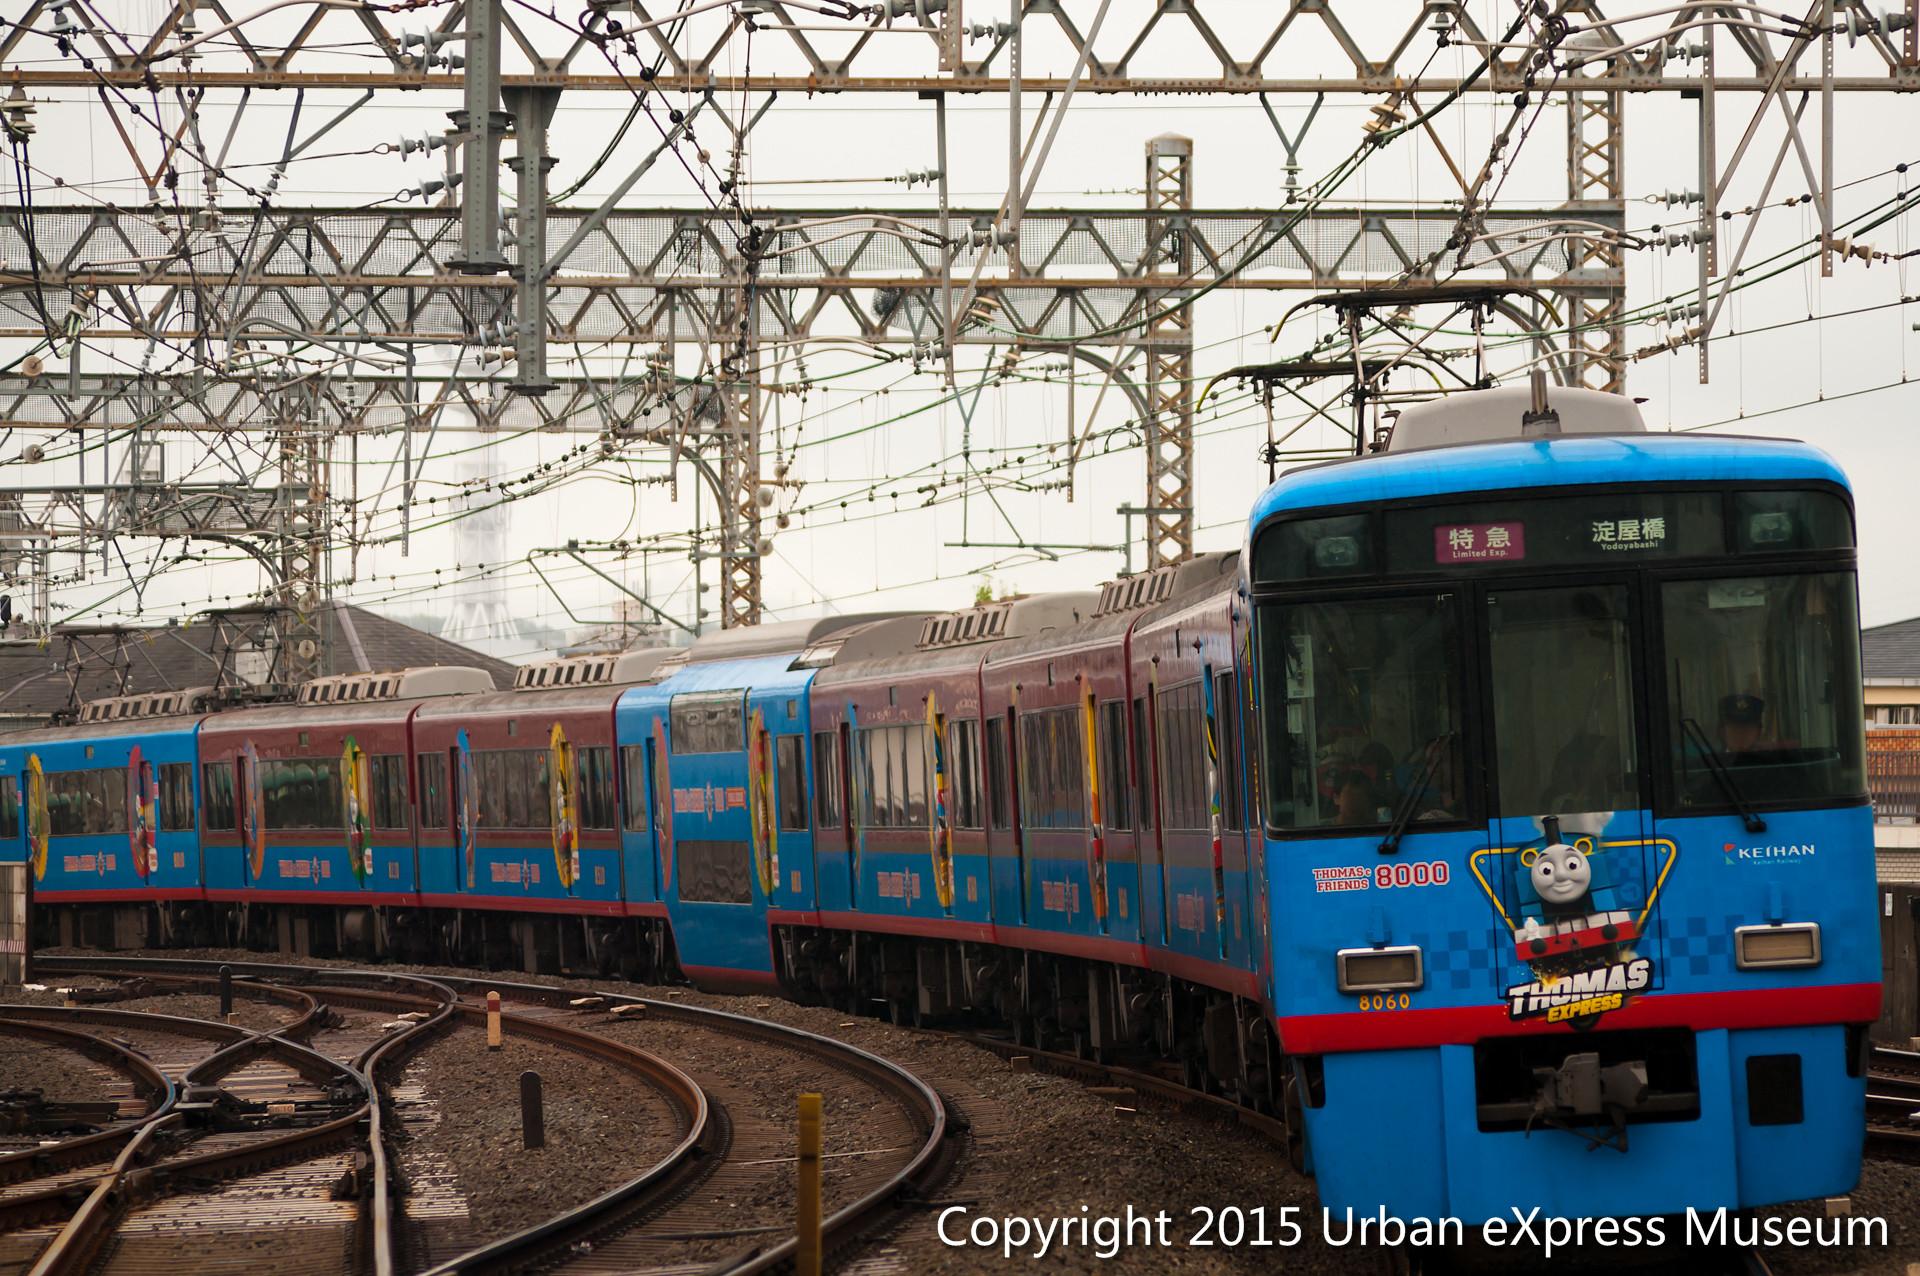 京阪8000系 - トーマス列車 - Urban eXpress Museum